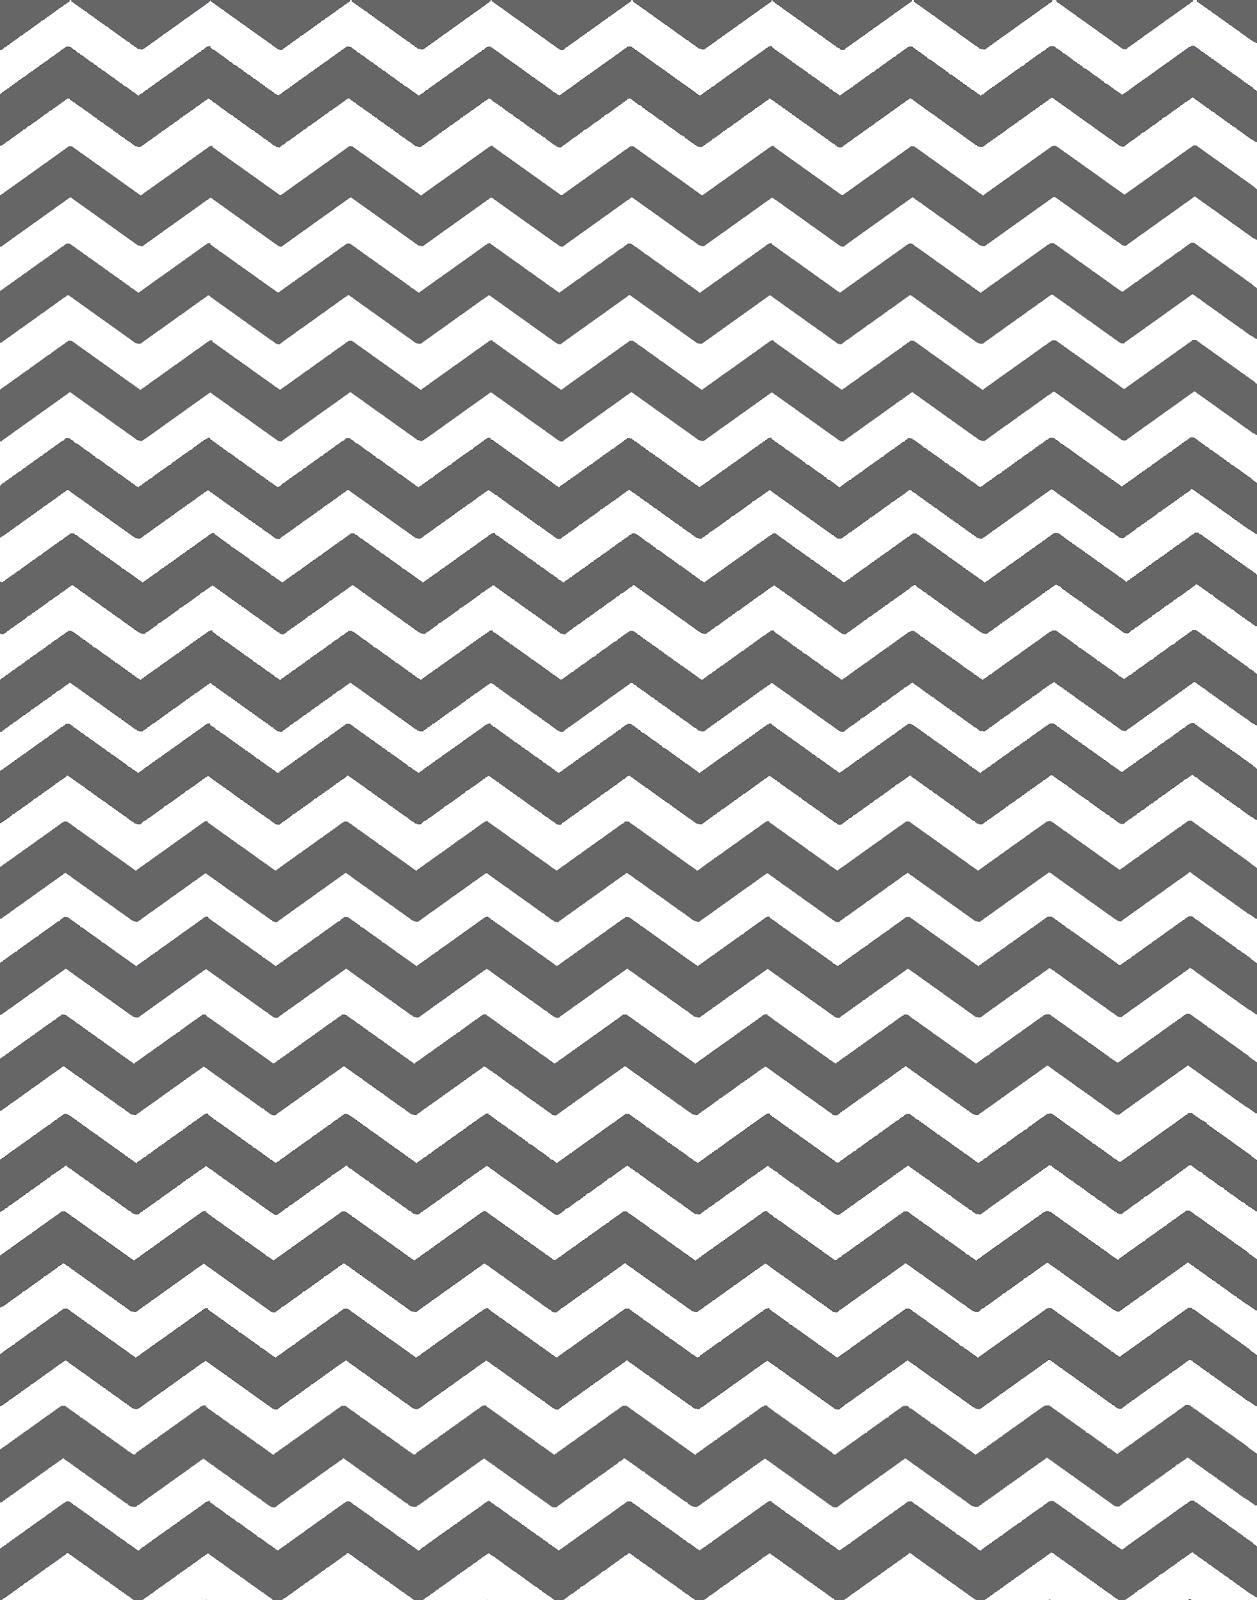 graygreychevronbackgroundpaperpatternjpg 1257x1600